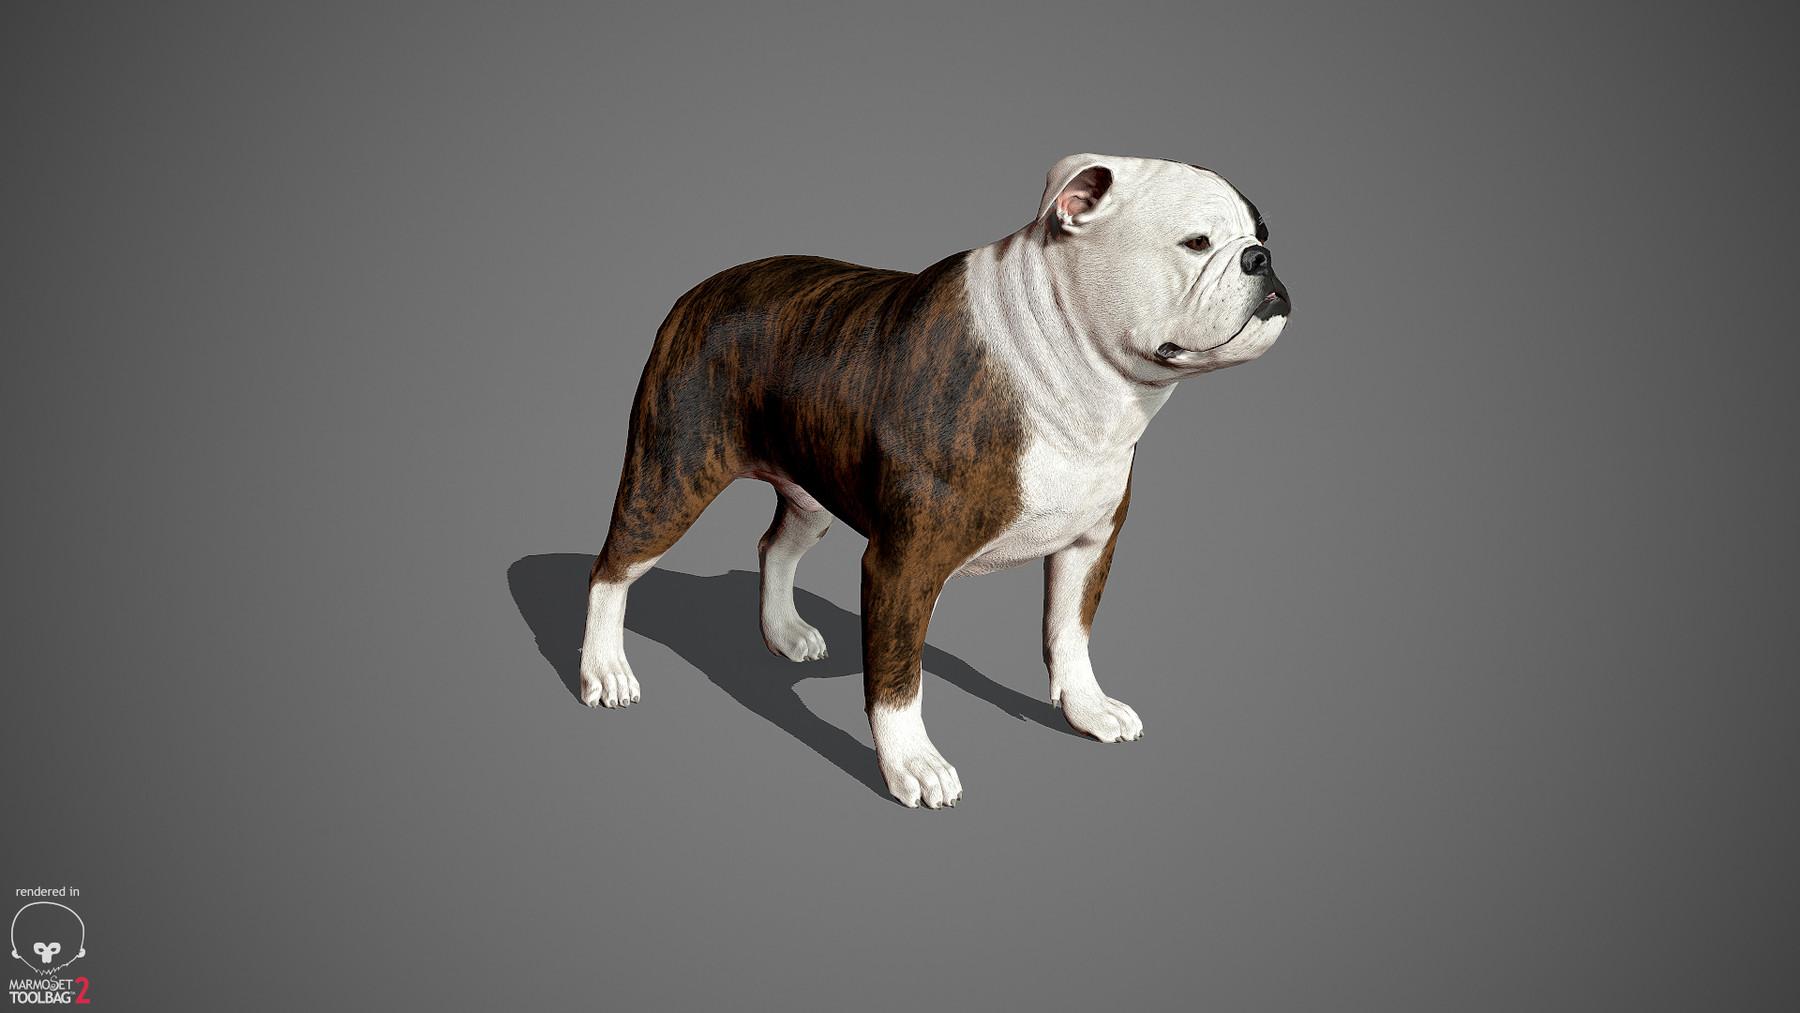 Englishbulldog by alexlashko marmoset 32